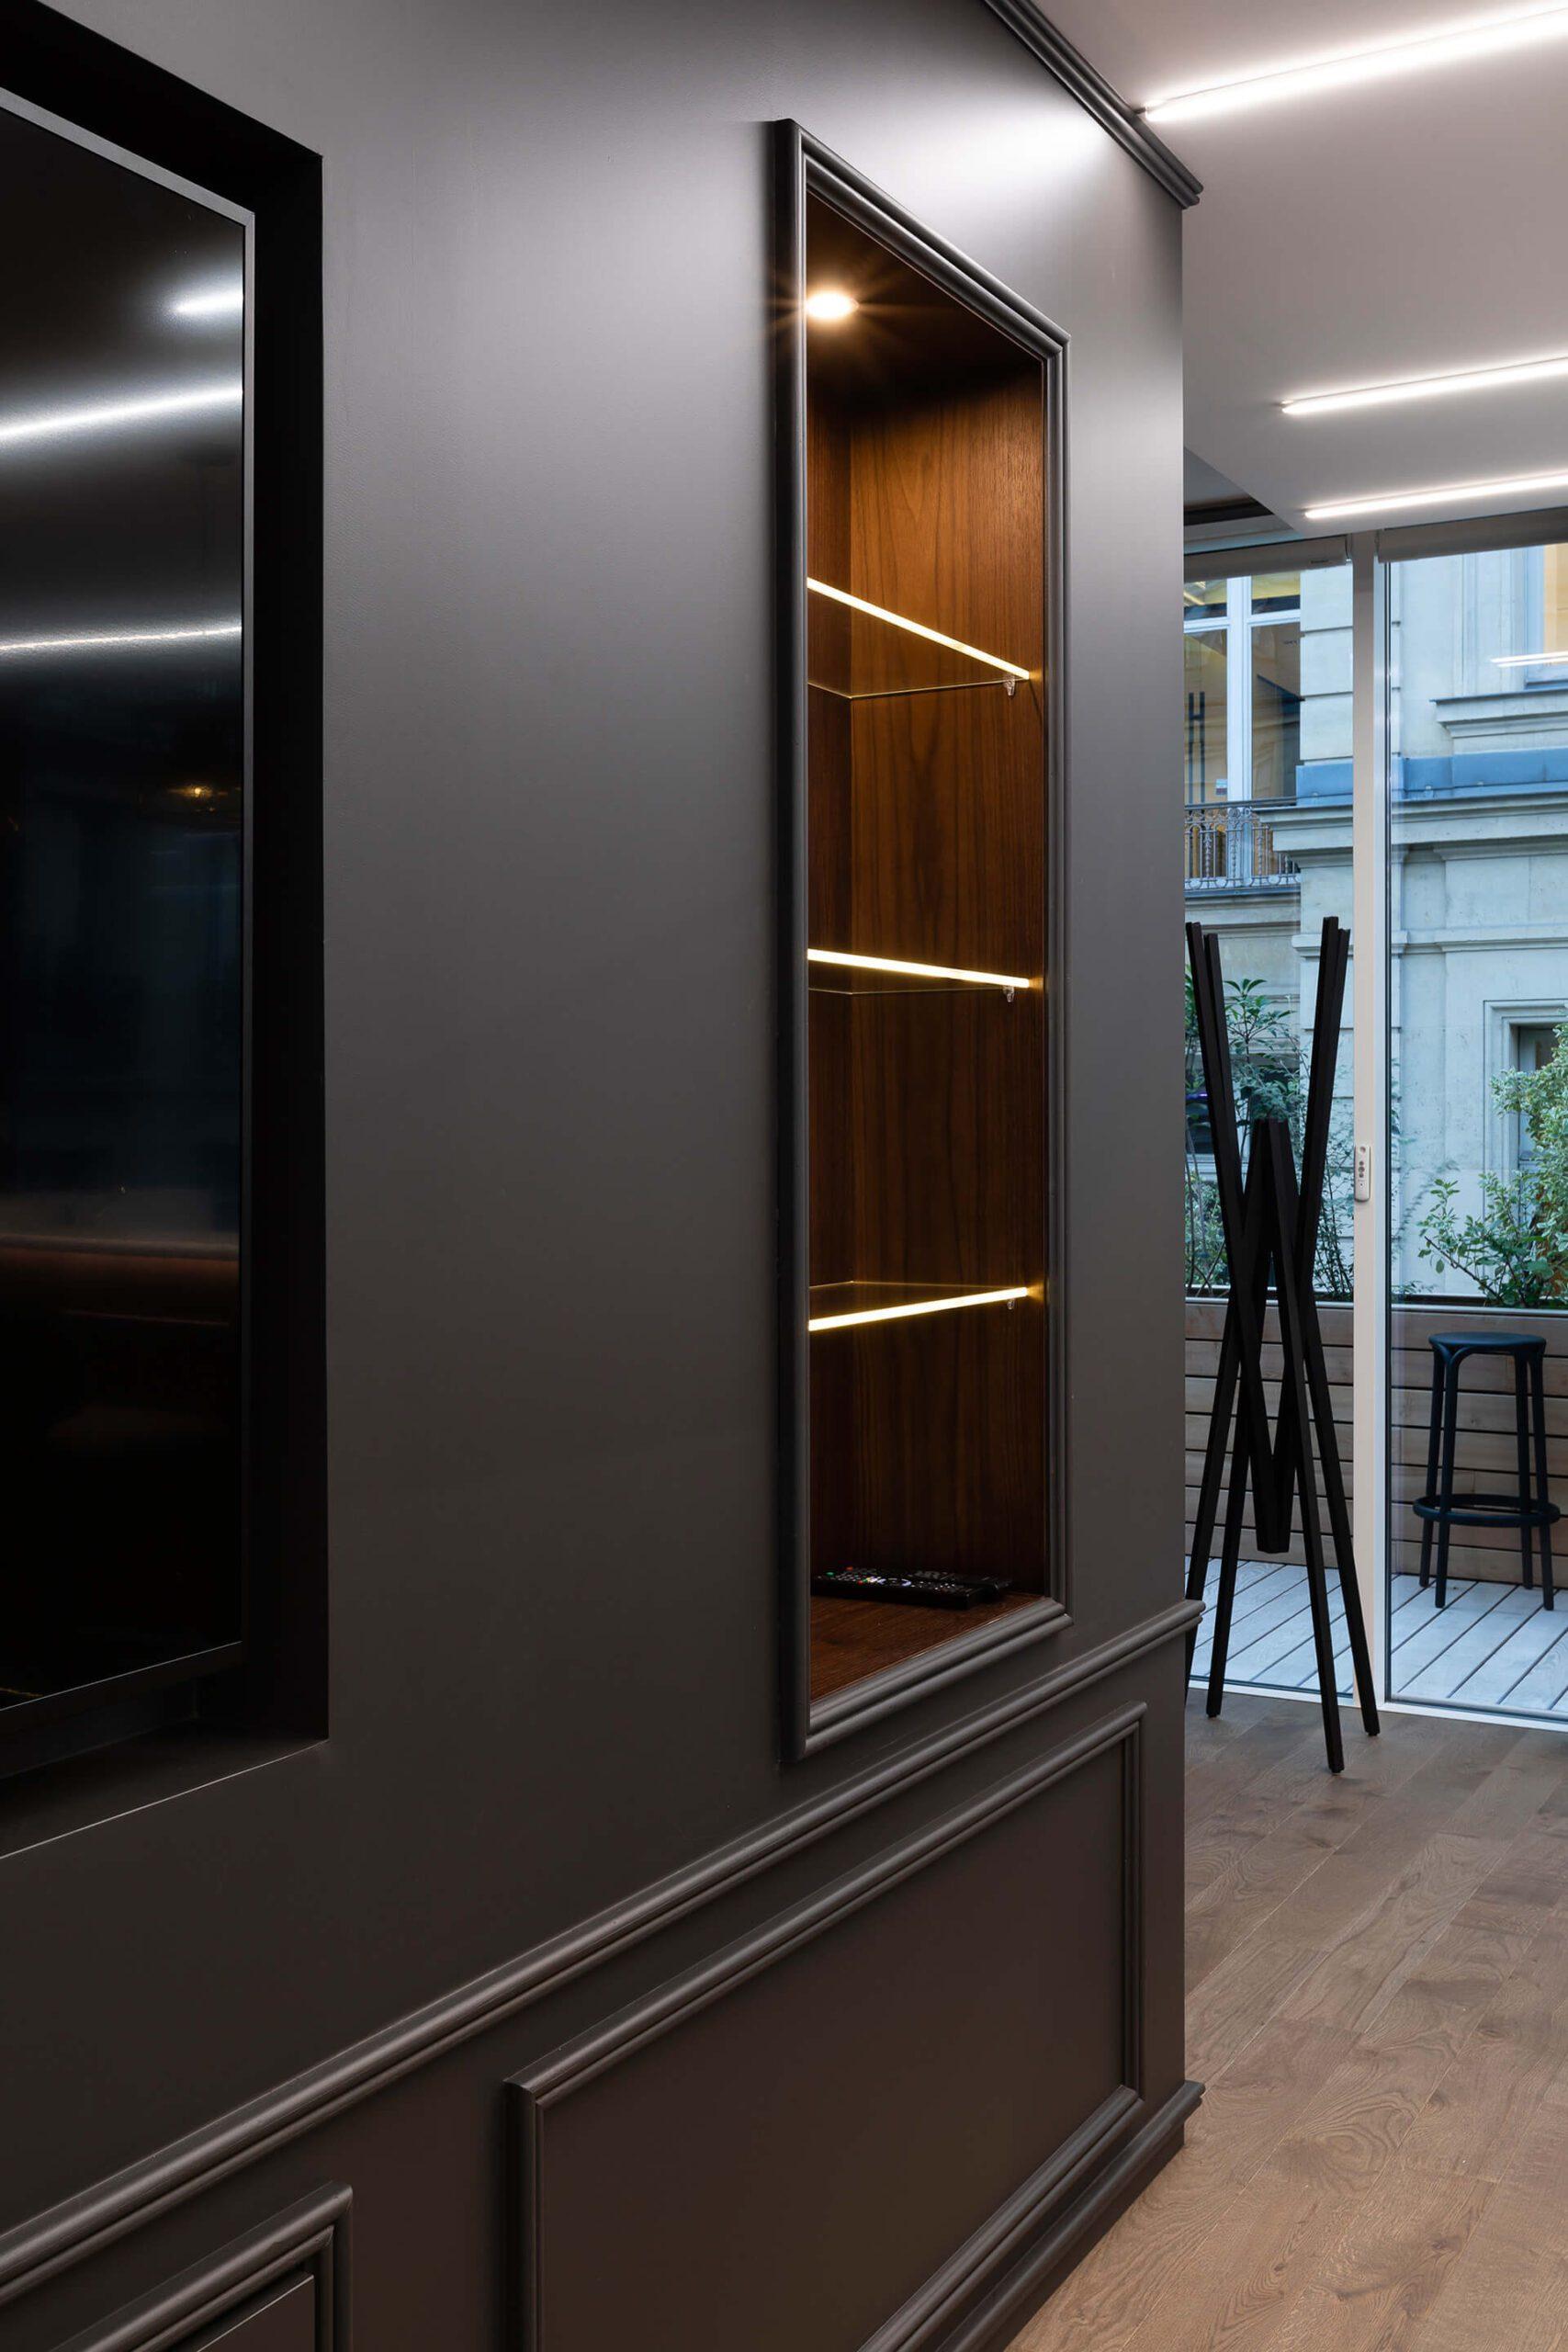 estante e cabide em madeira de luxo de espaço de consultoria e negócios